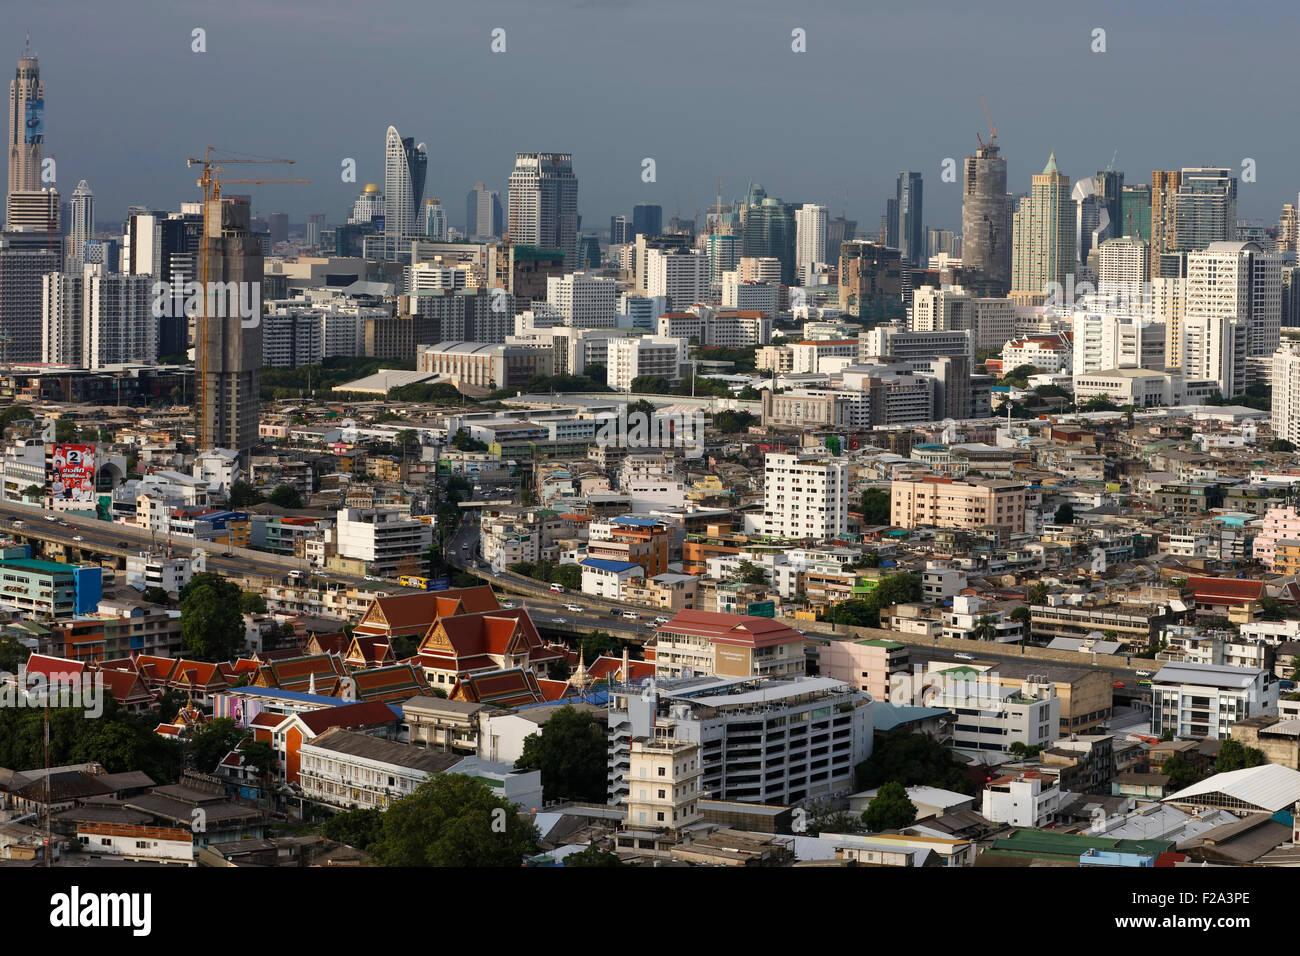 La vista sul centro della città dal fiume Chao Phraya, Bangkok, Thailandia Immagini Stock